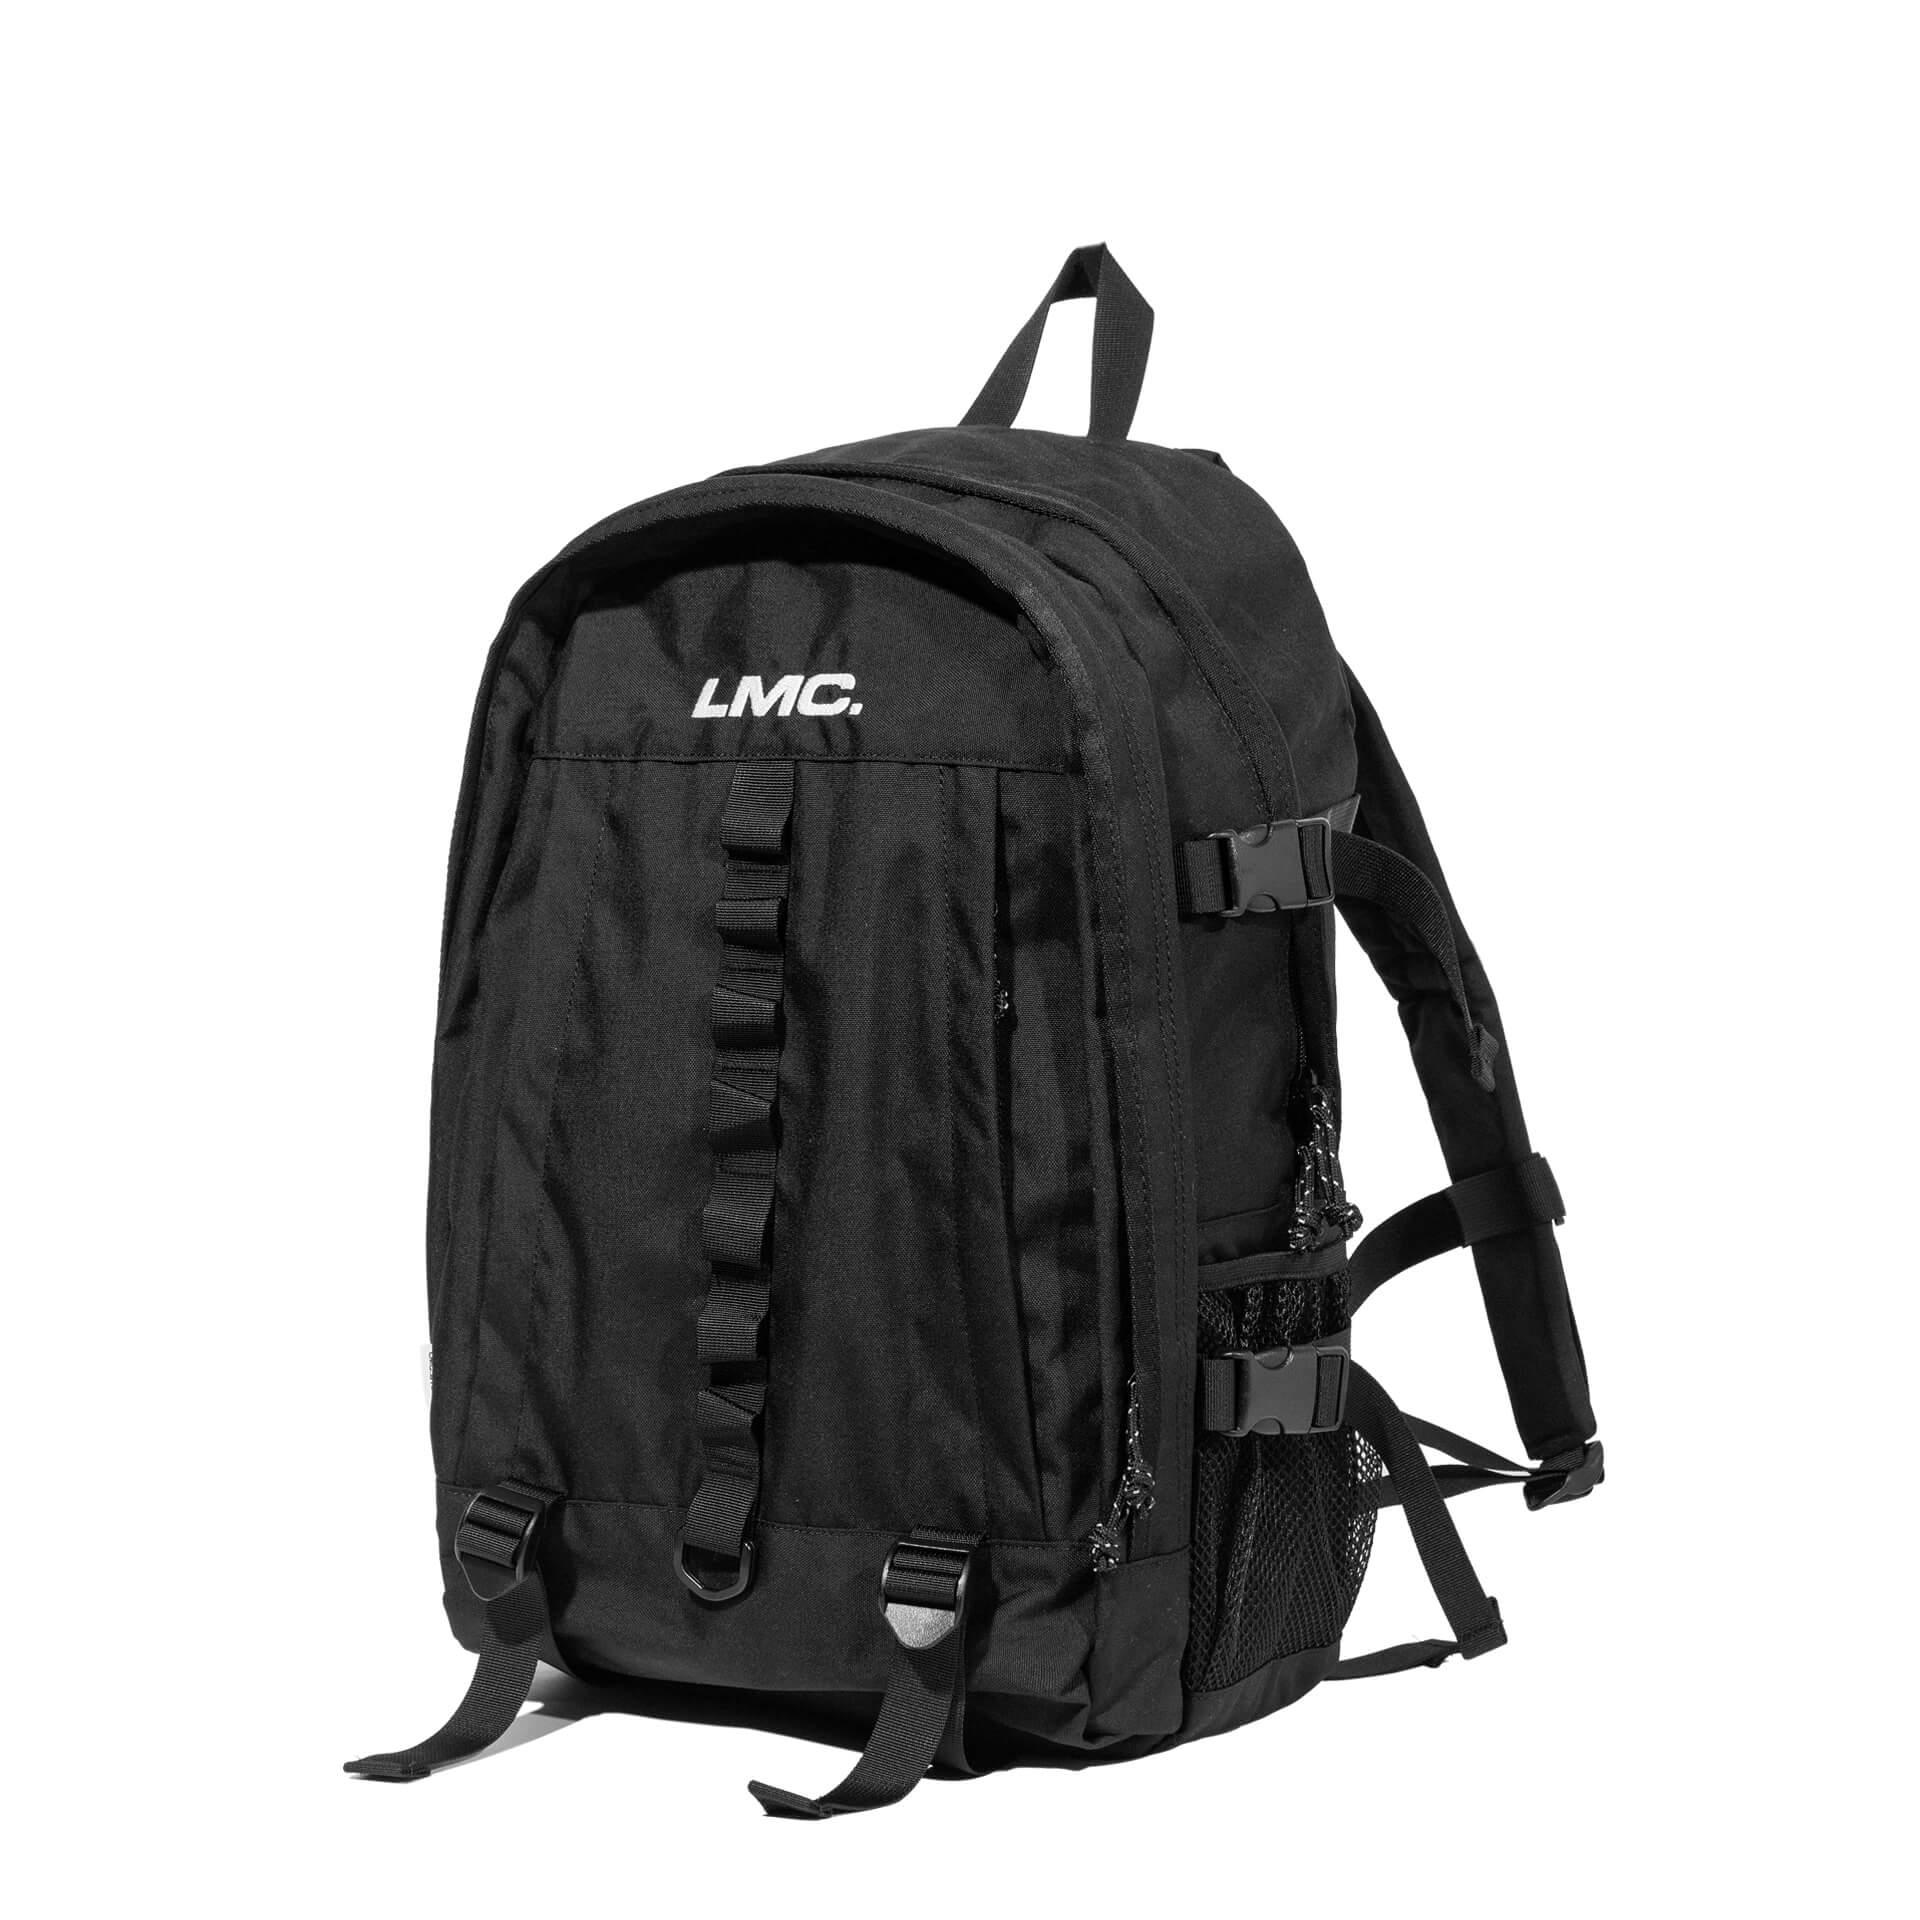 엘엠씨(LMC) LMC SYSTEM UTILITY BACKPACK black